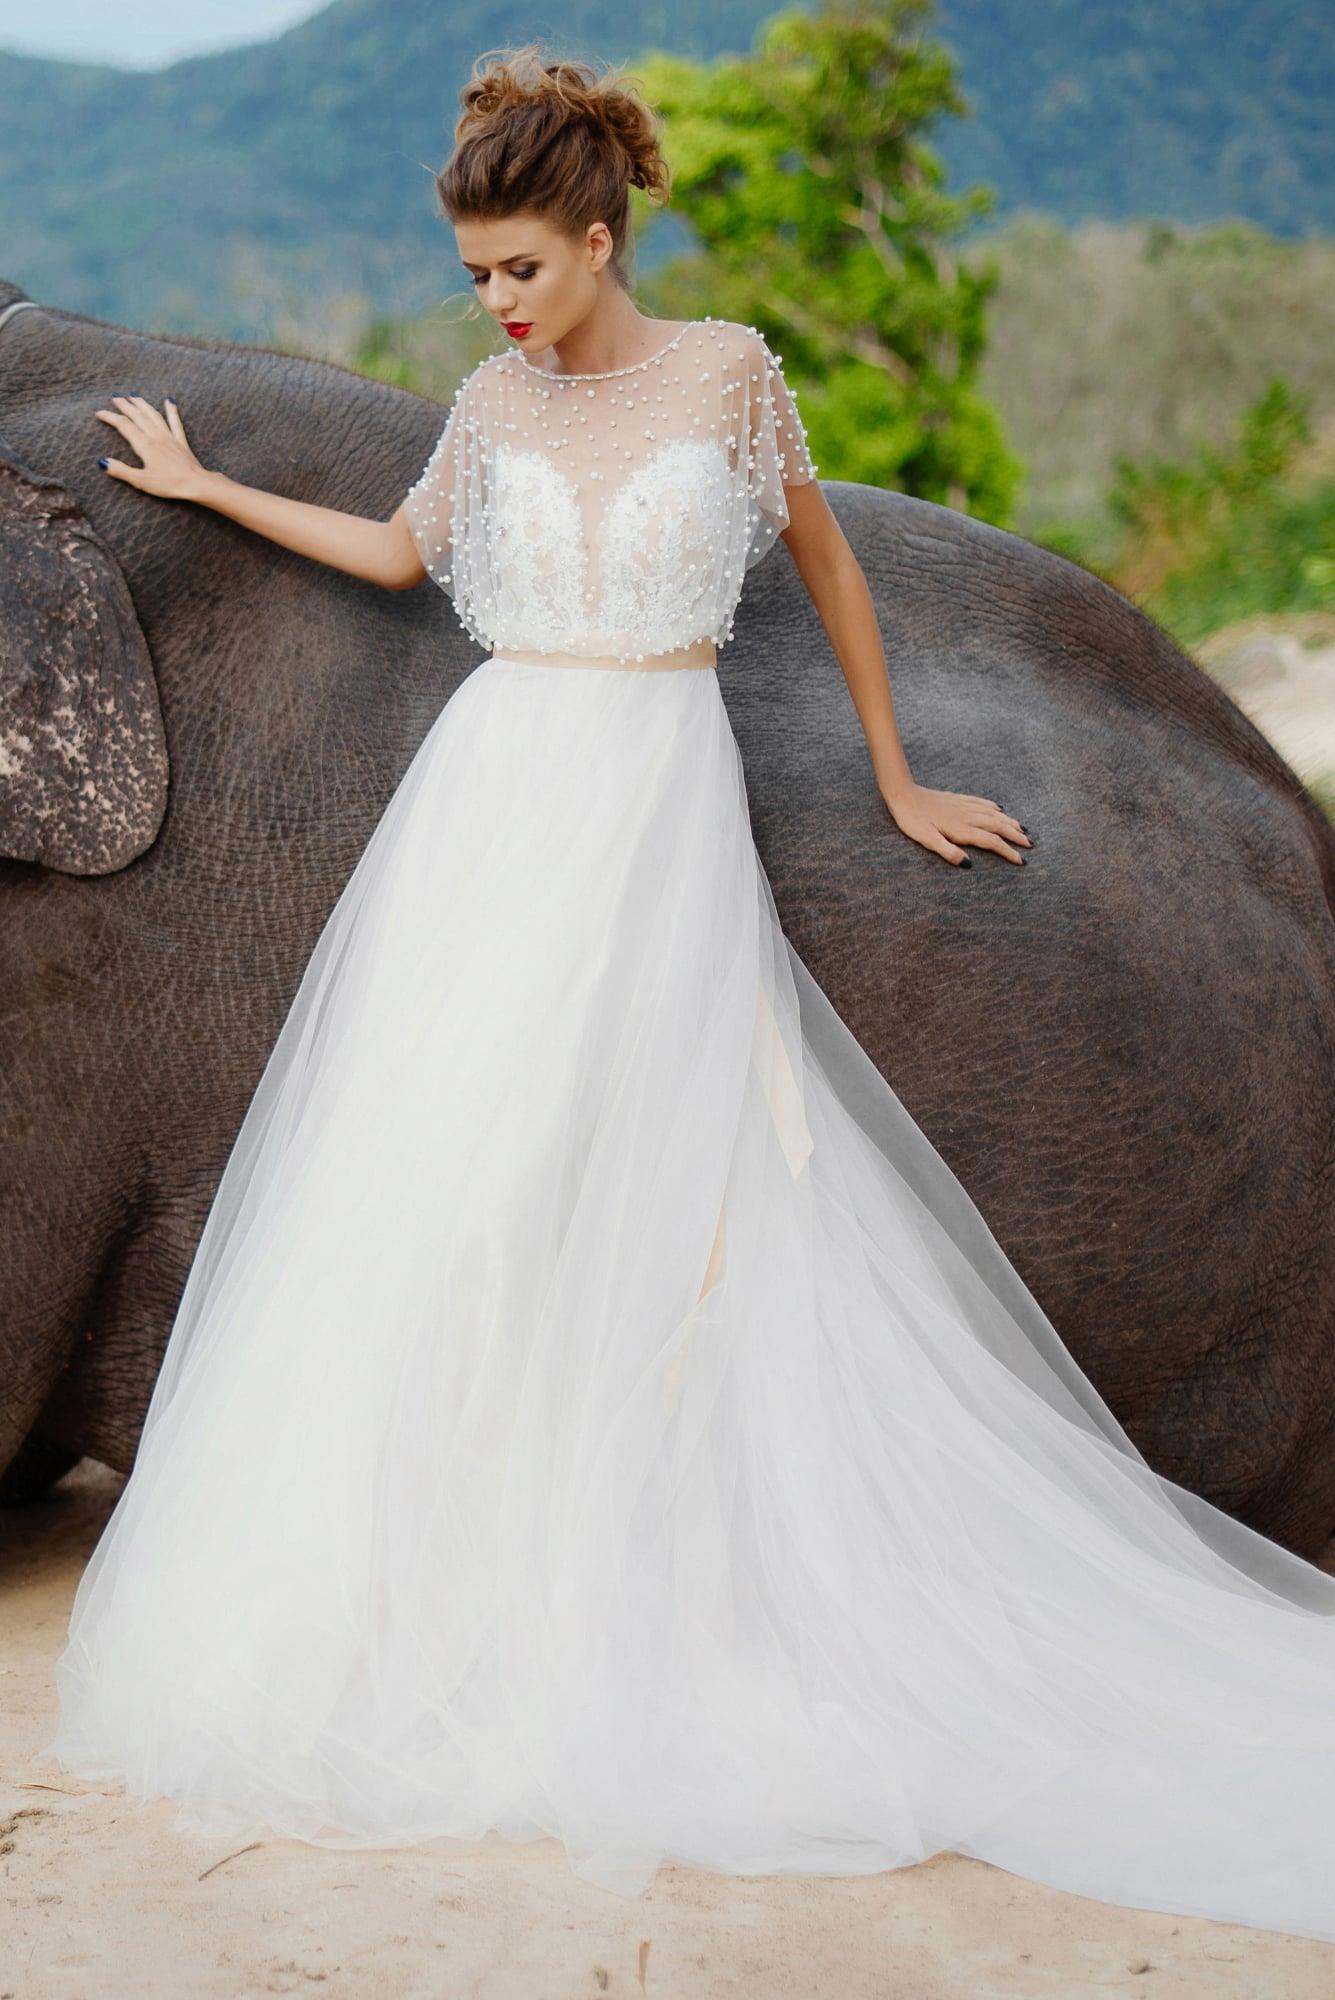 44146a12621 Пышное свадебное платье с необычным верхом с коротким полупрозрачным  рукавом.